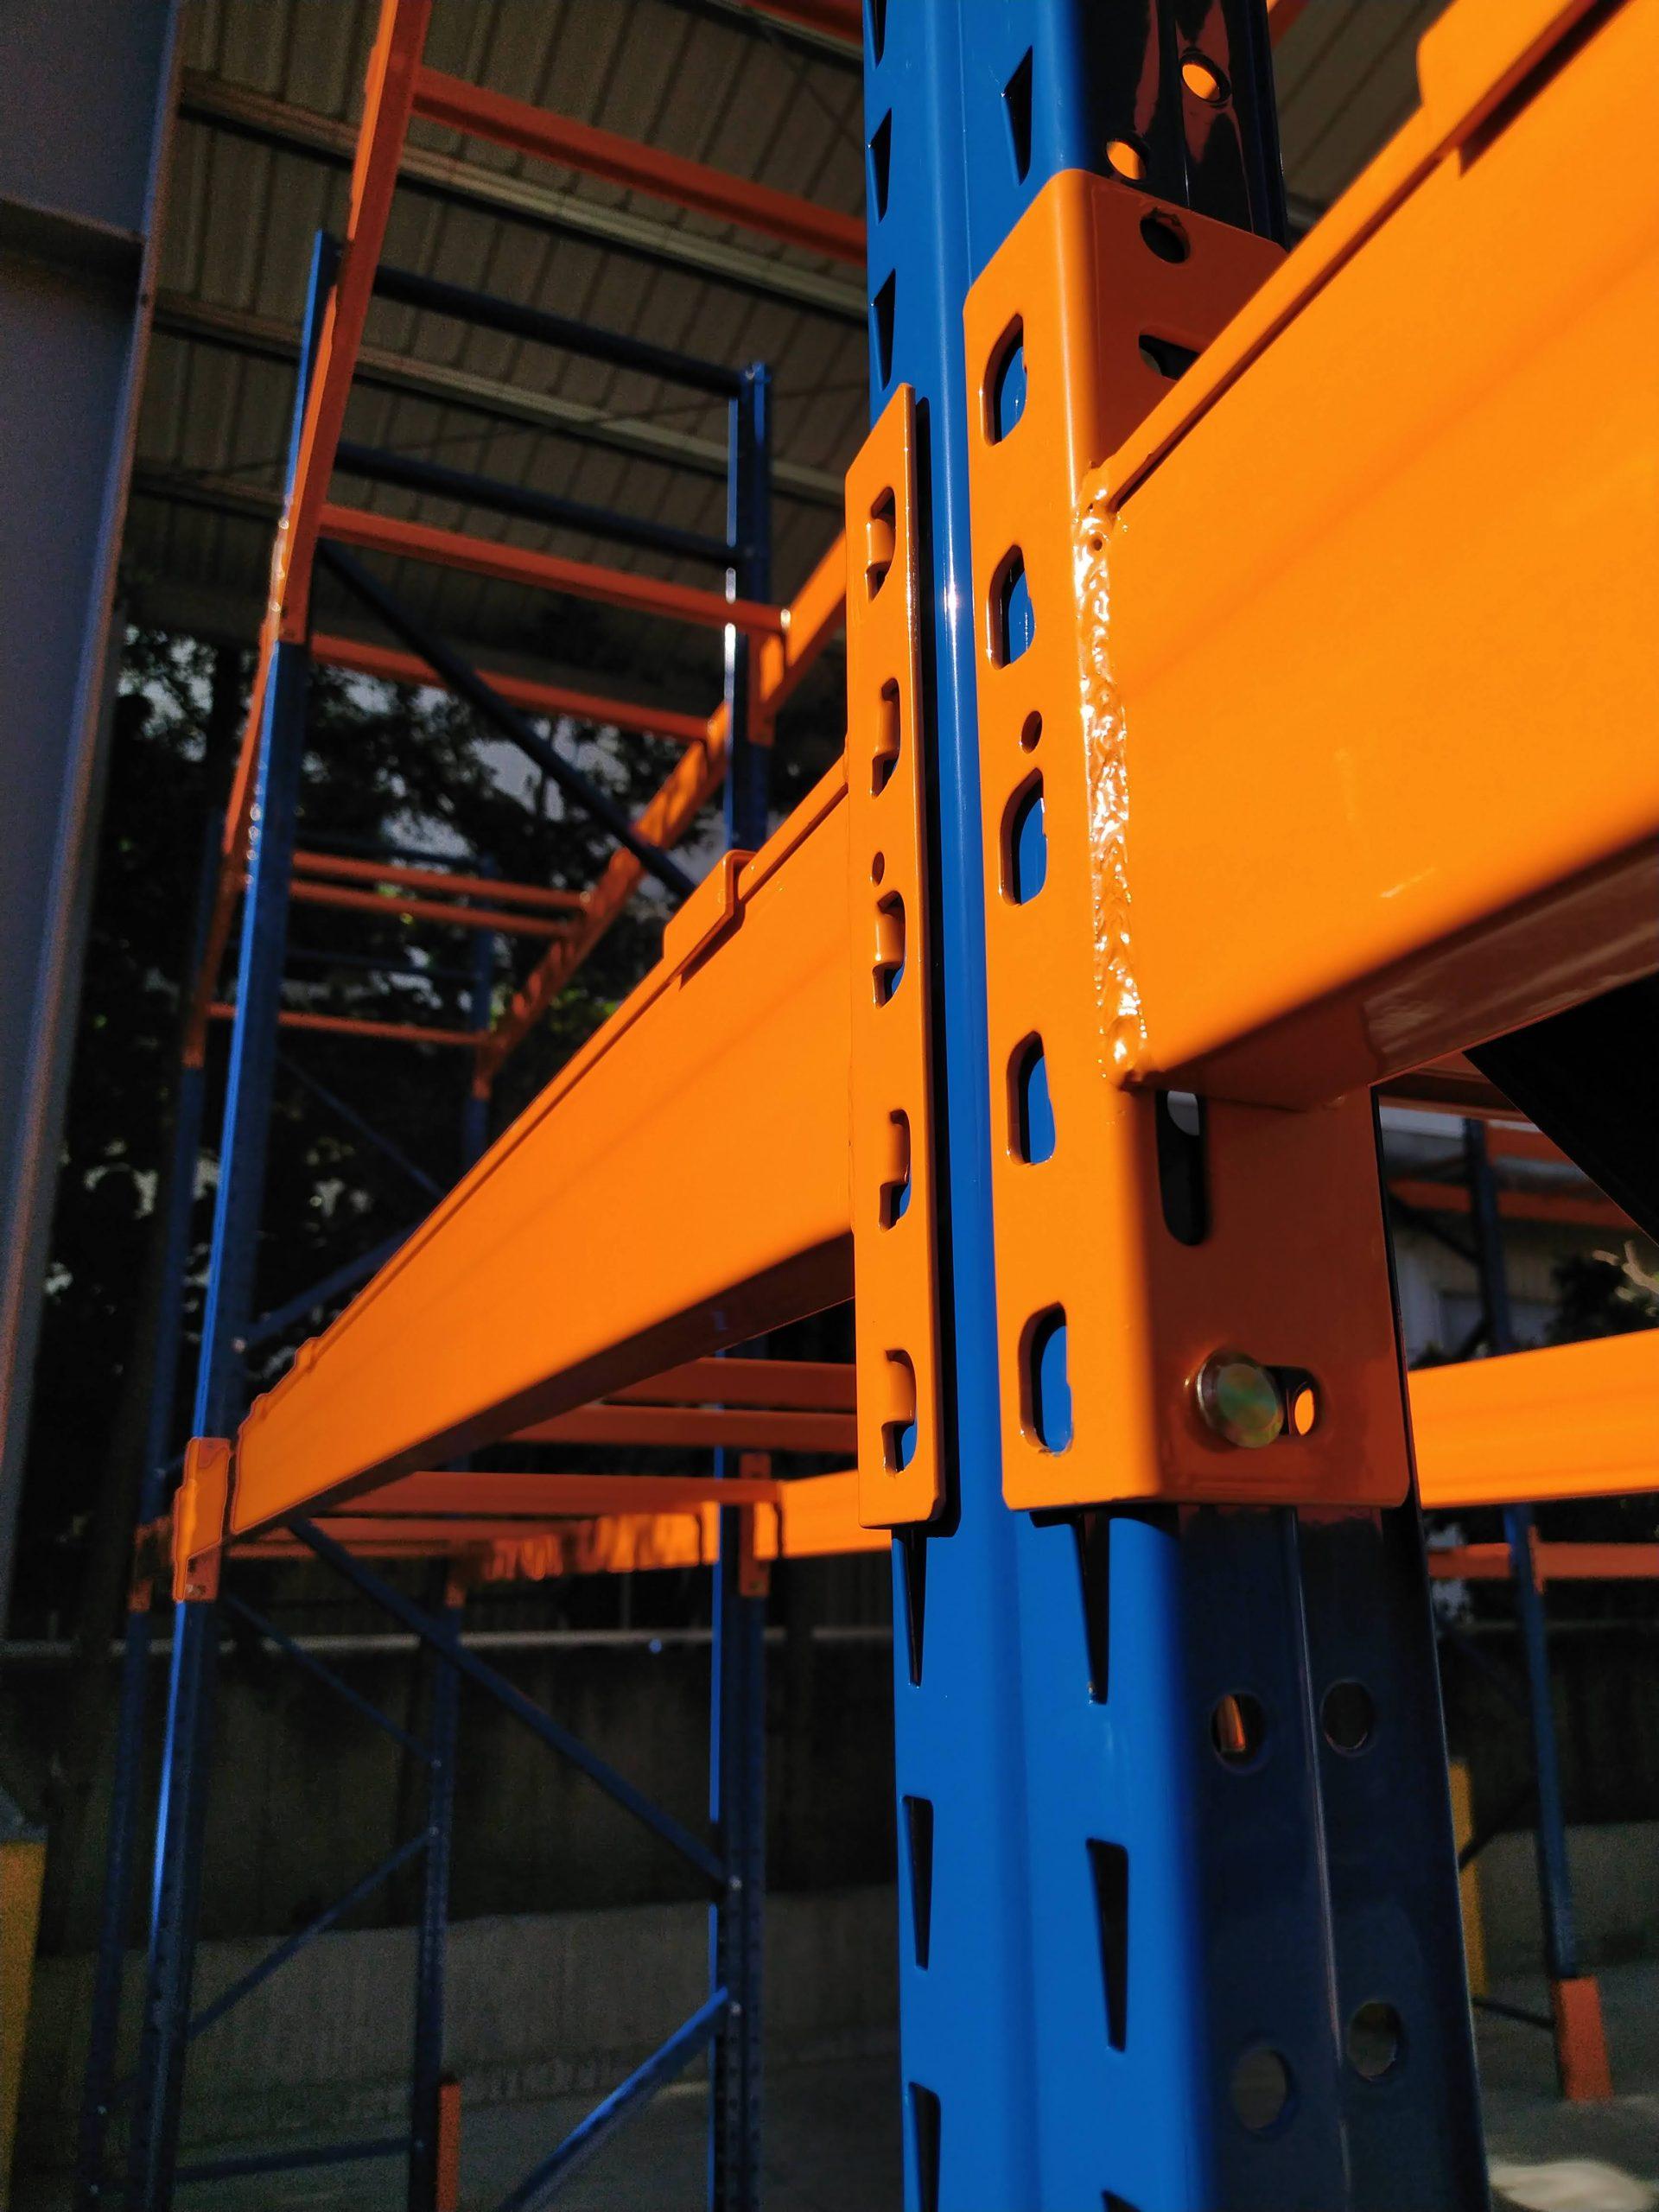 台中倉儲 貨架 重型架 彰化倉儲 貨架 重型架